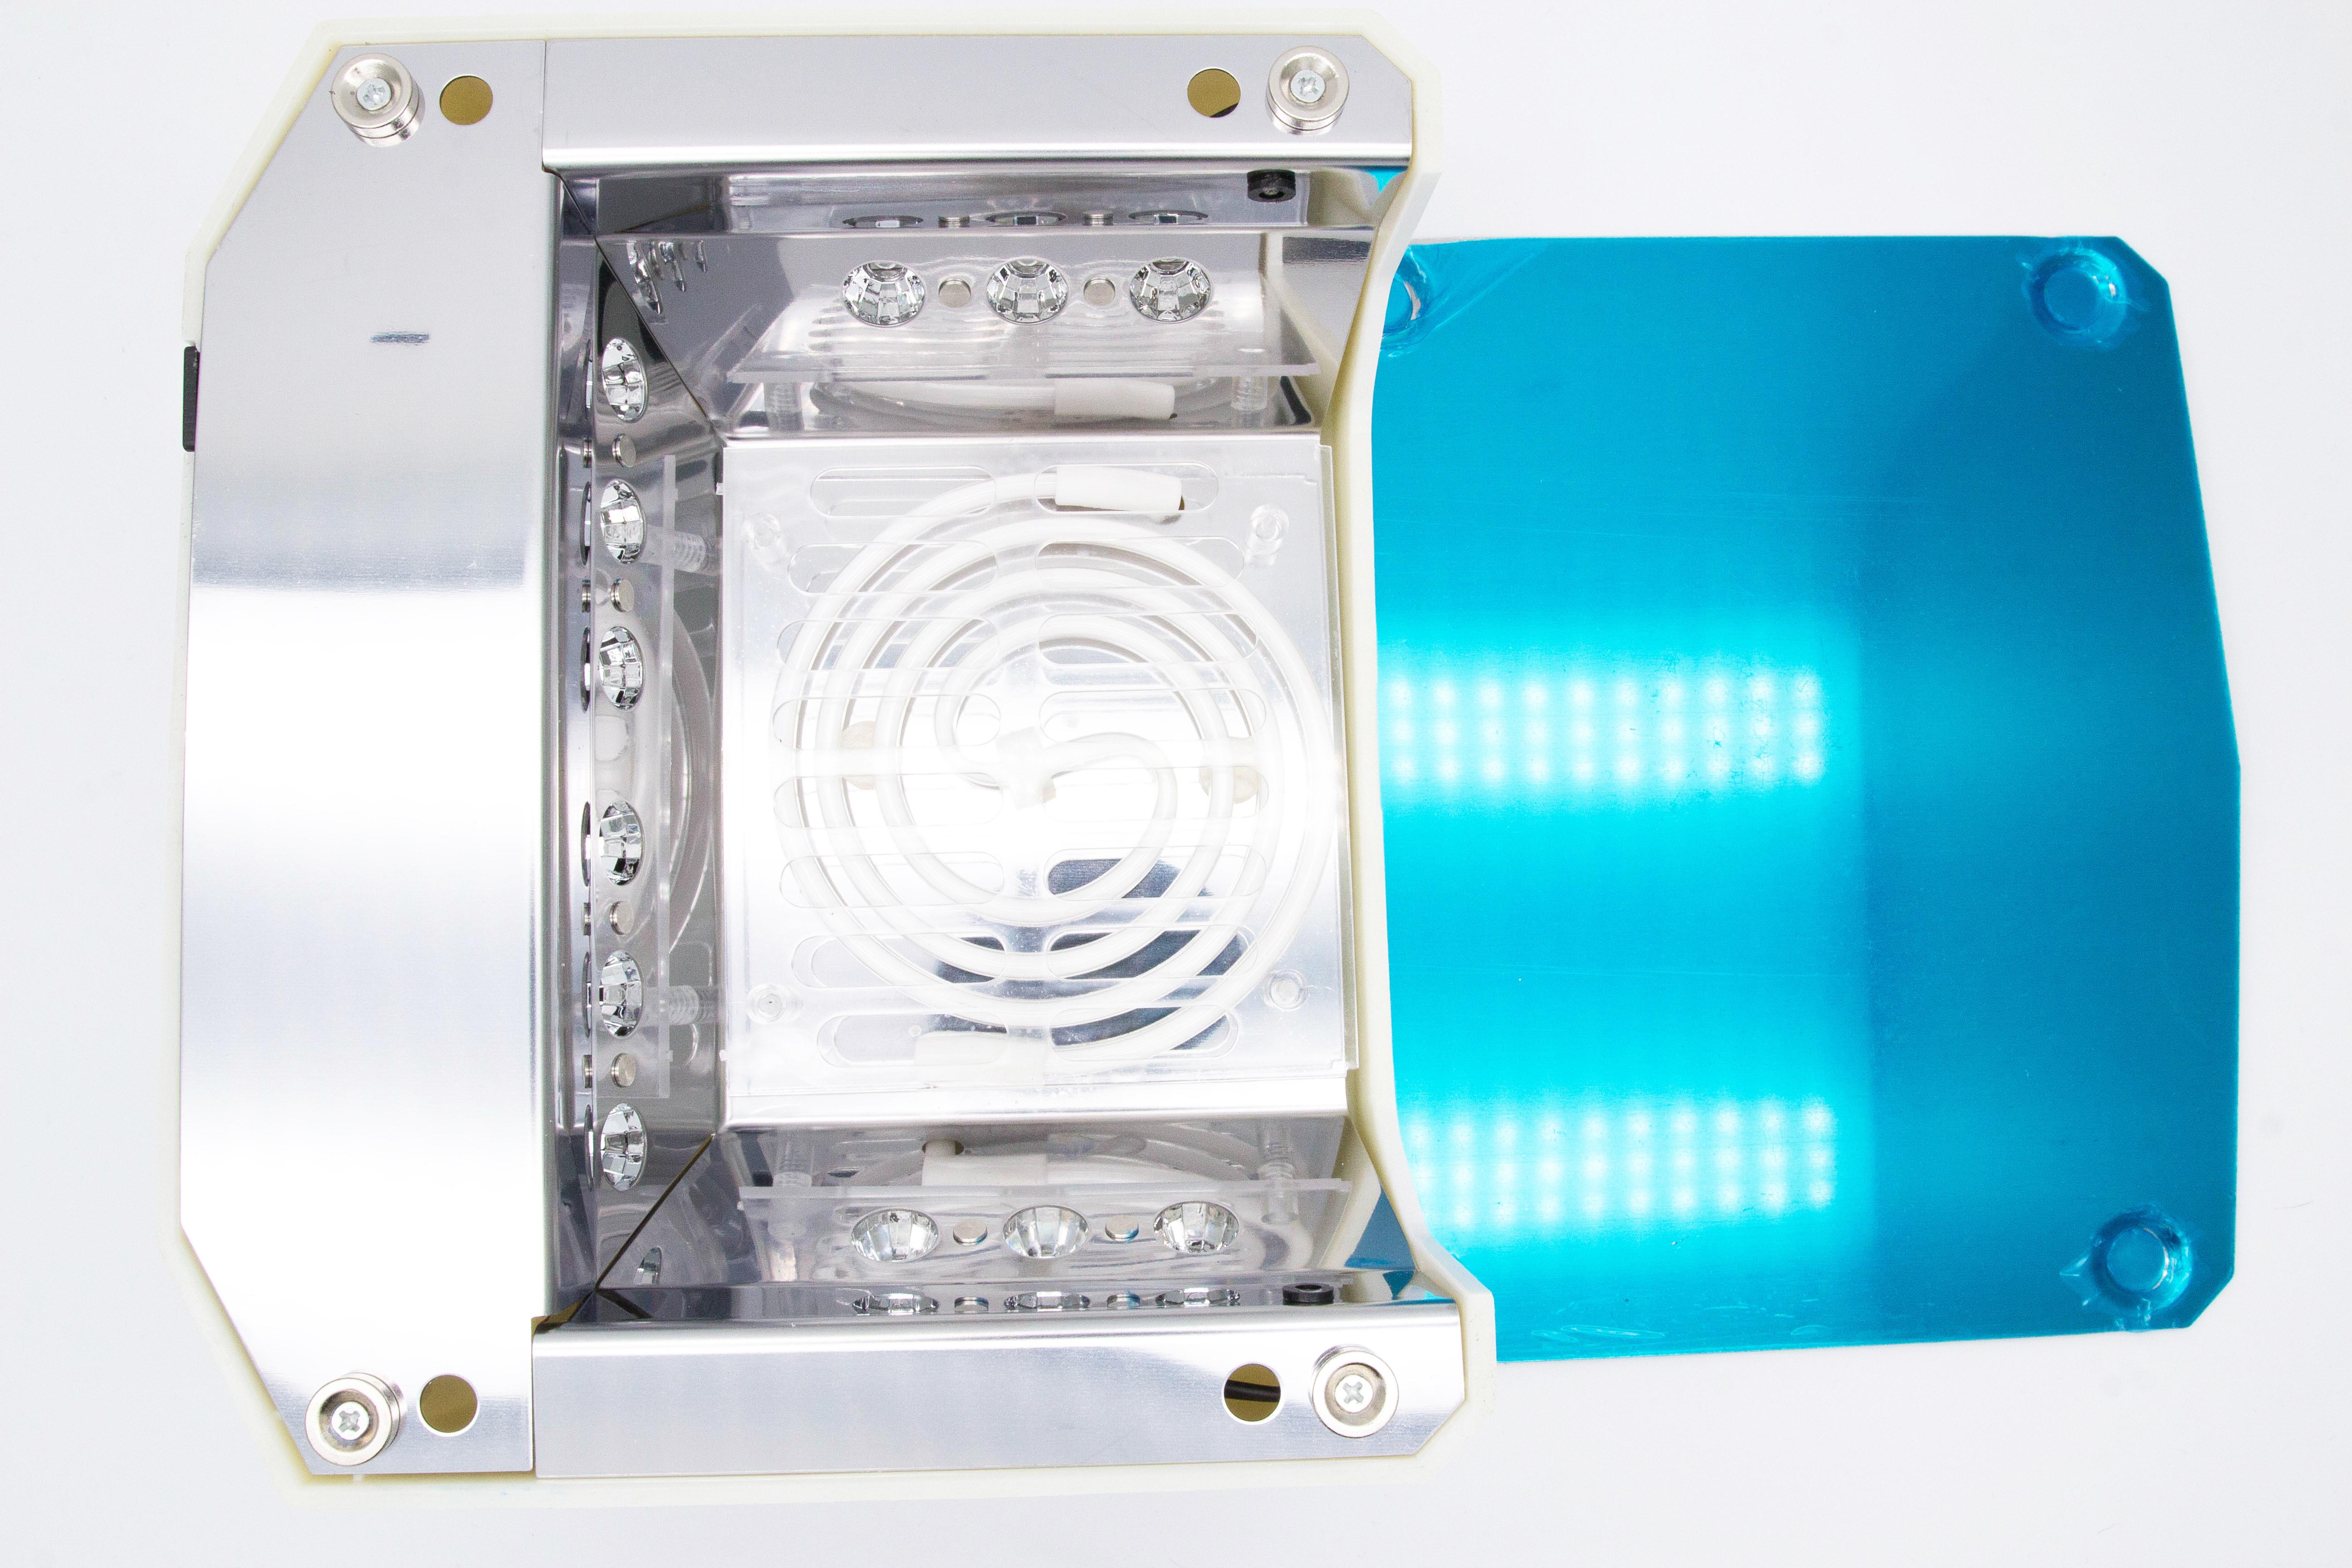 Лампа для гель лака Diamond 36W гибридная uf led - фото 3